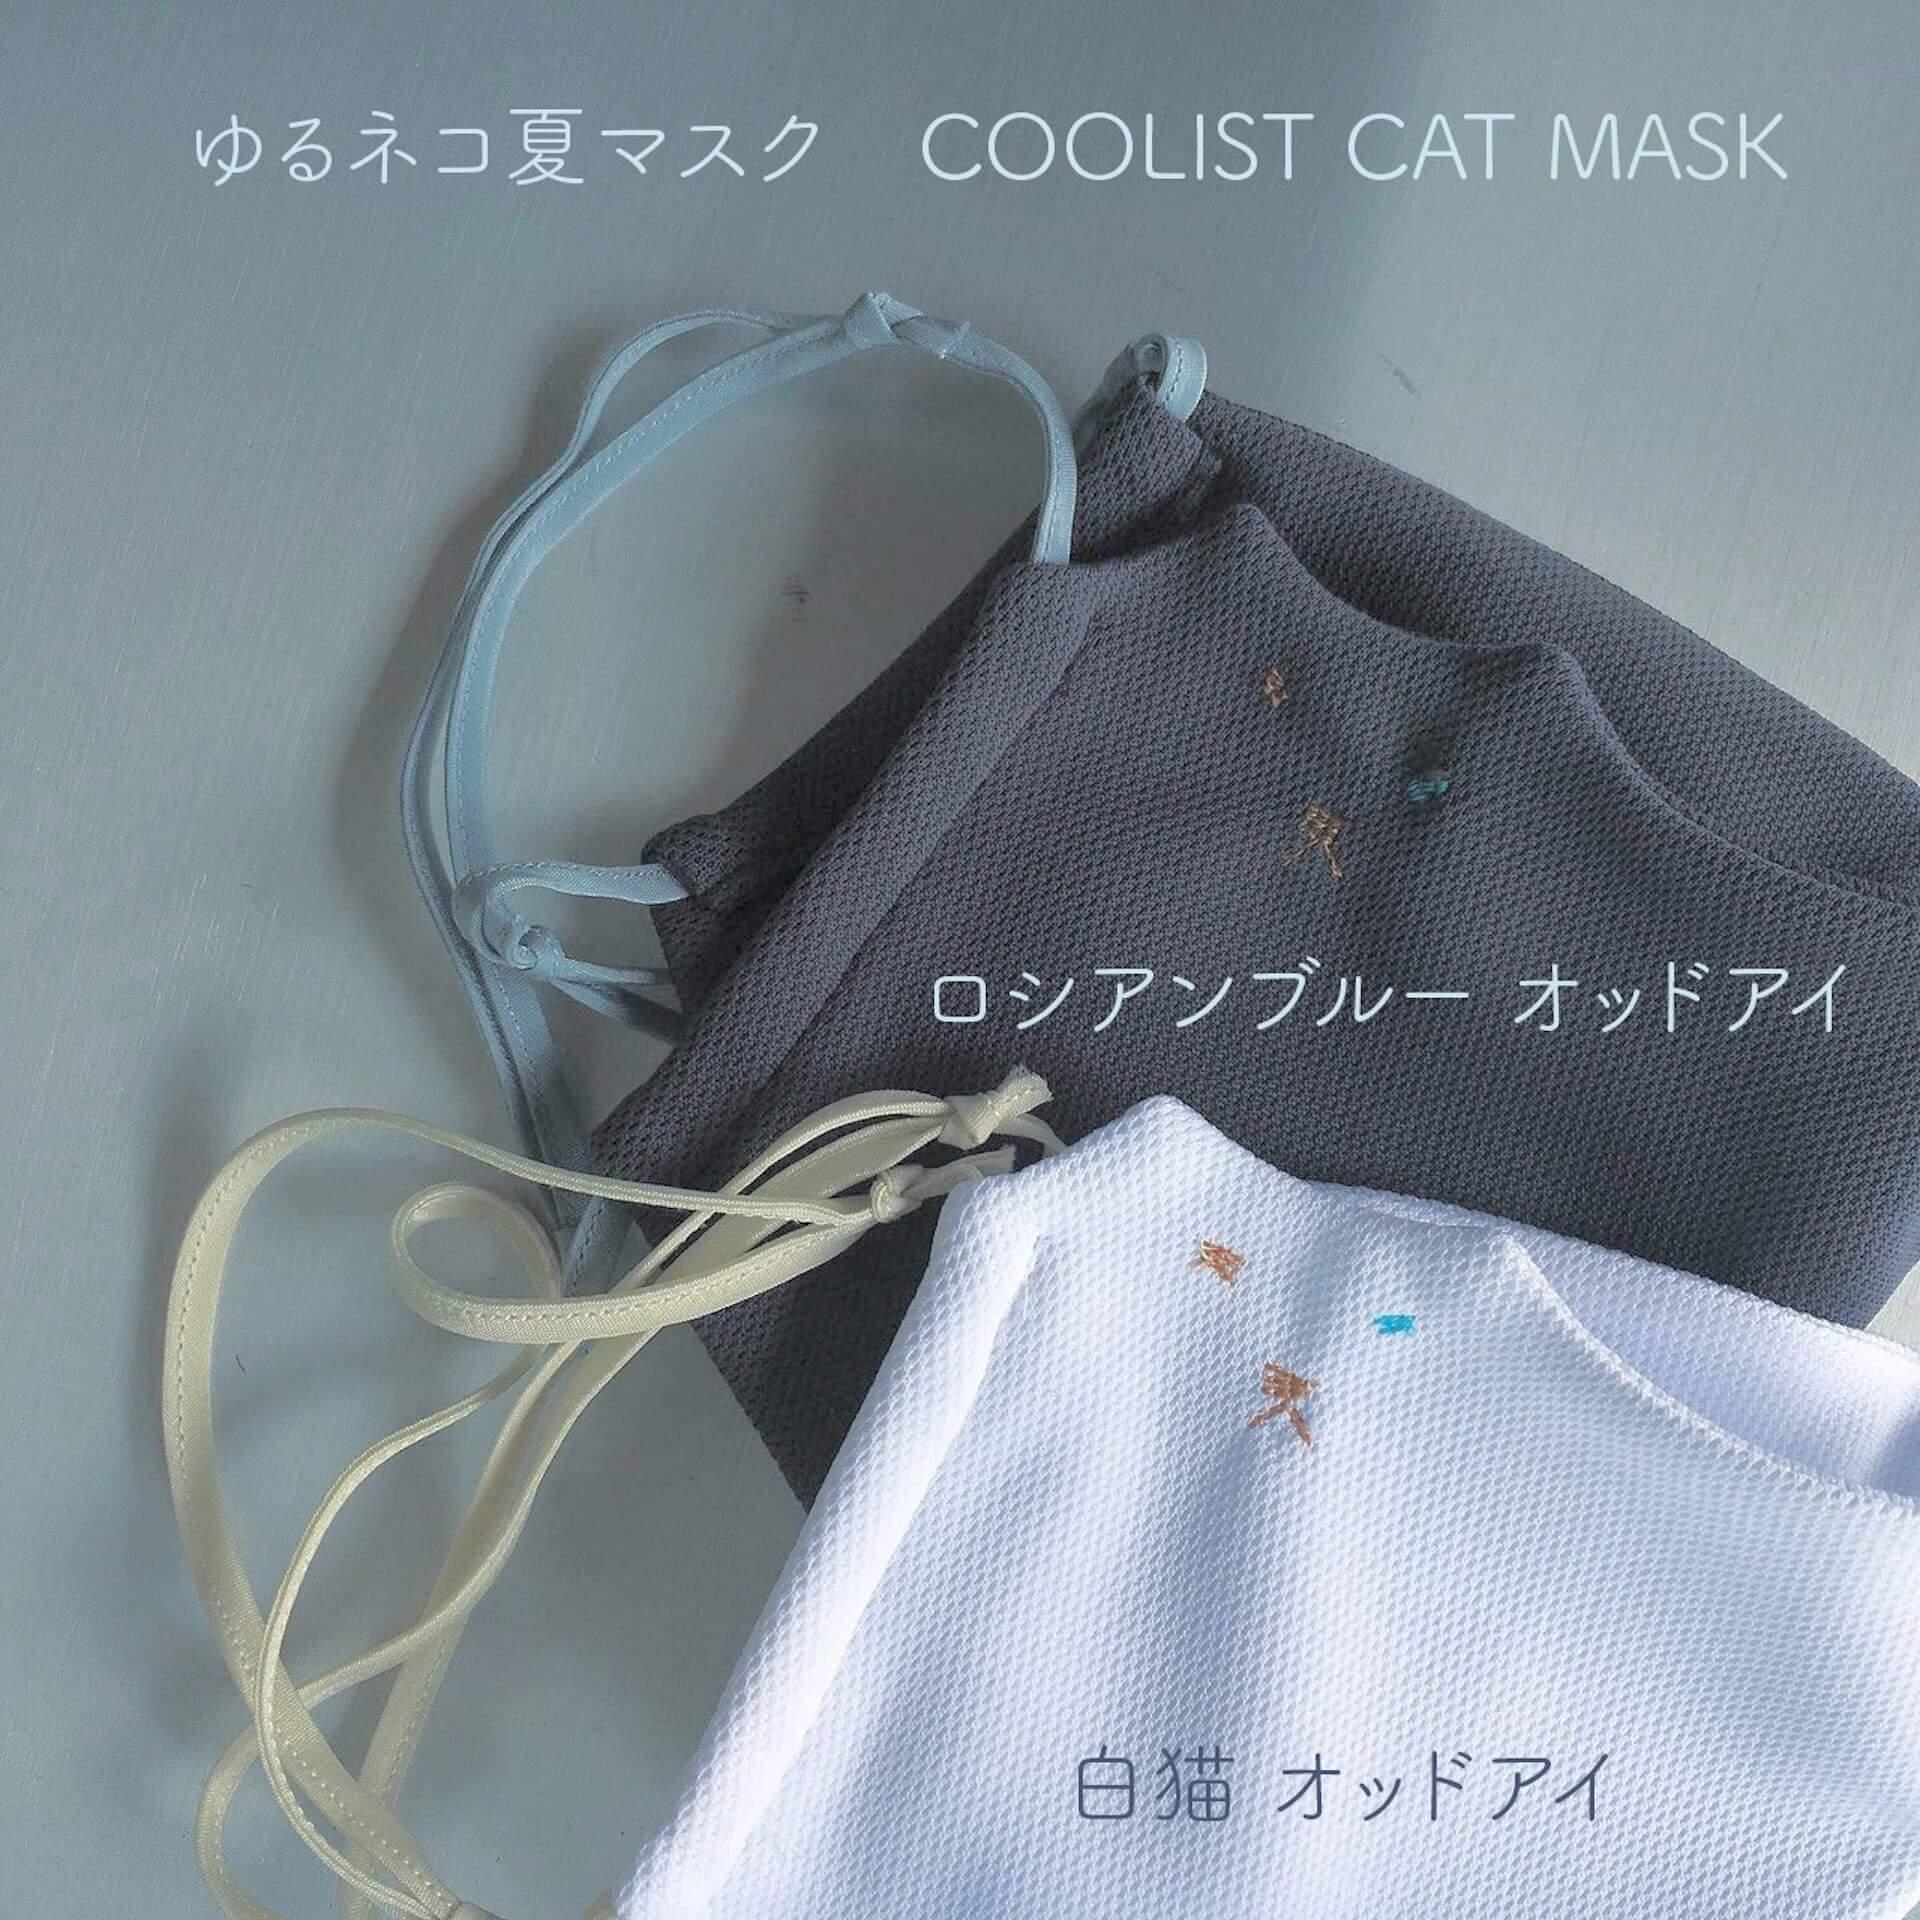 クール素材のゆるネコ夏マスクが登場!コットンの5倍の速さで汗を吸収&かわいいネコの刺繍も lf200617_nekorepublic_catmask_04